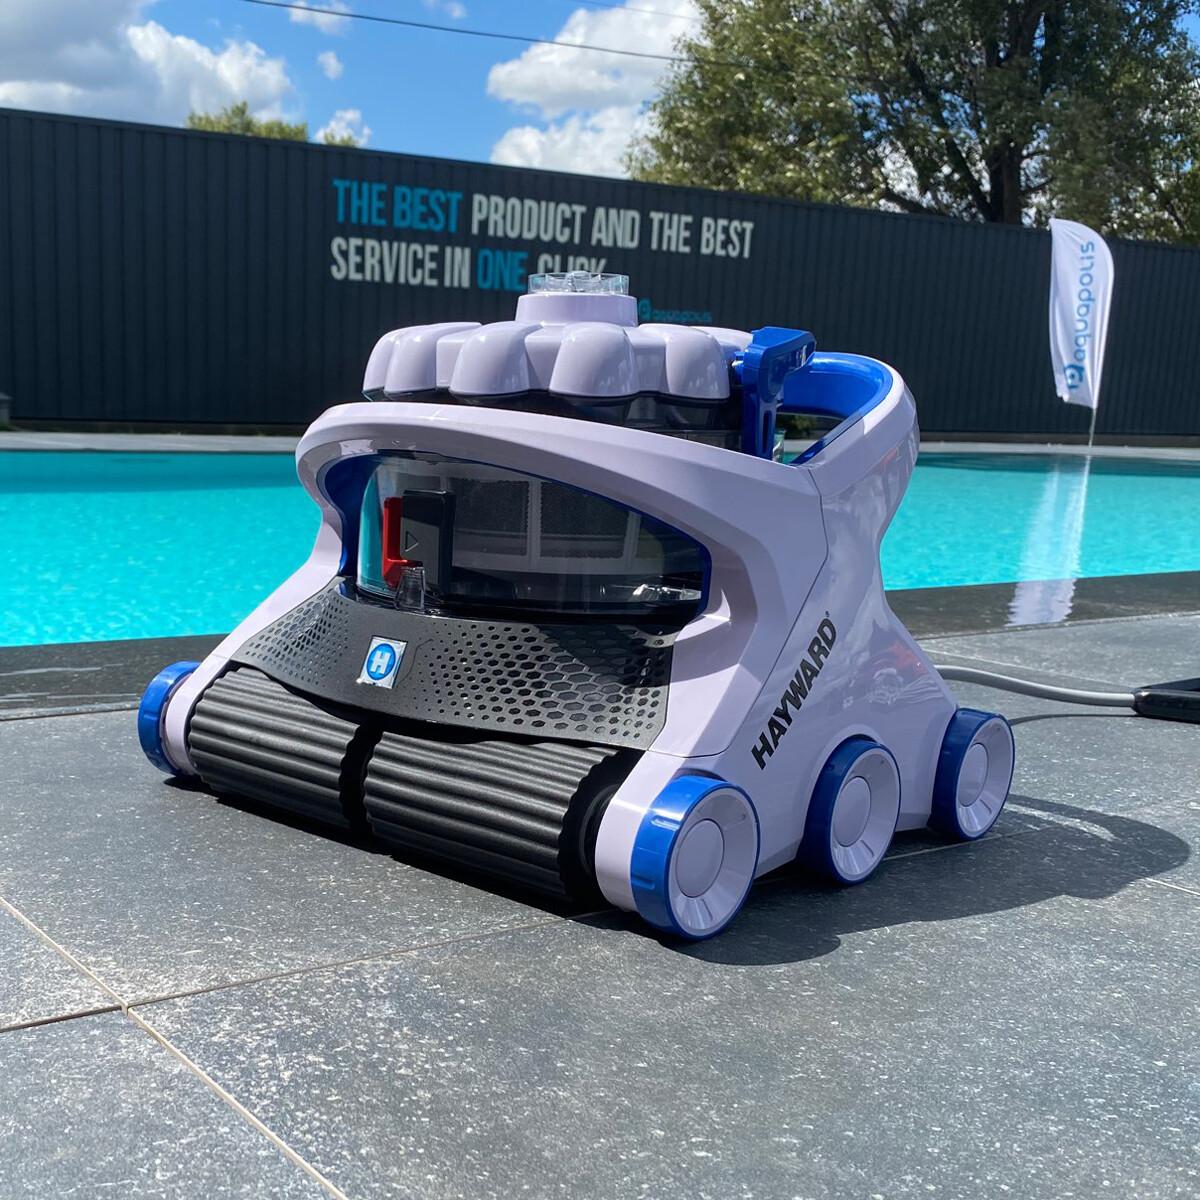 Робот-пылесос Hayward Aquavac 600-3